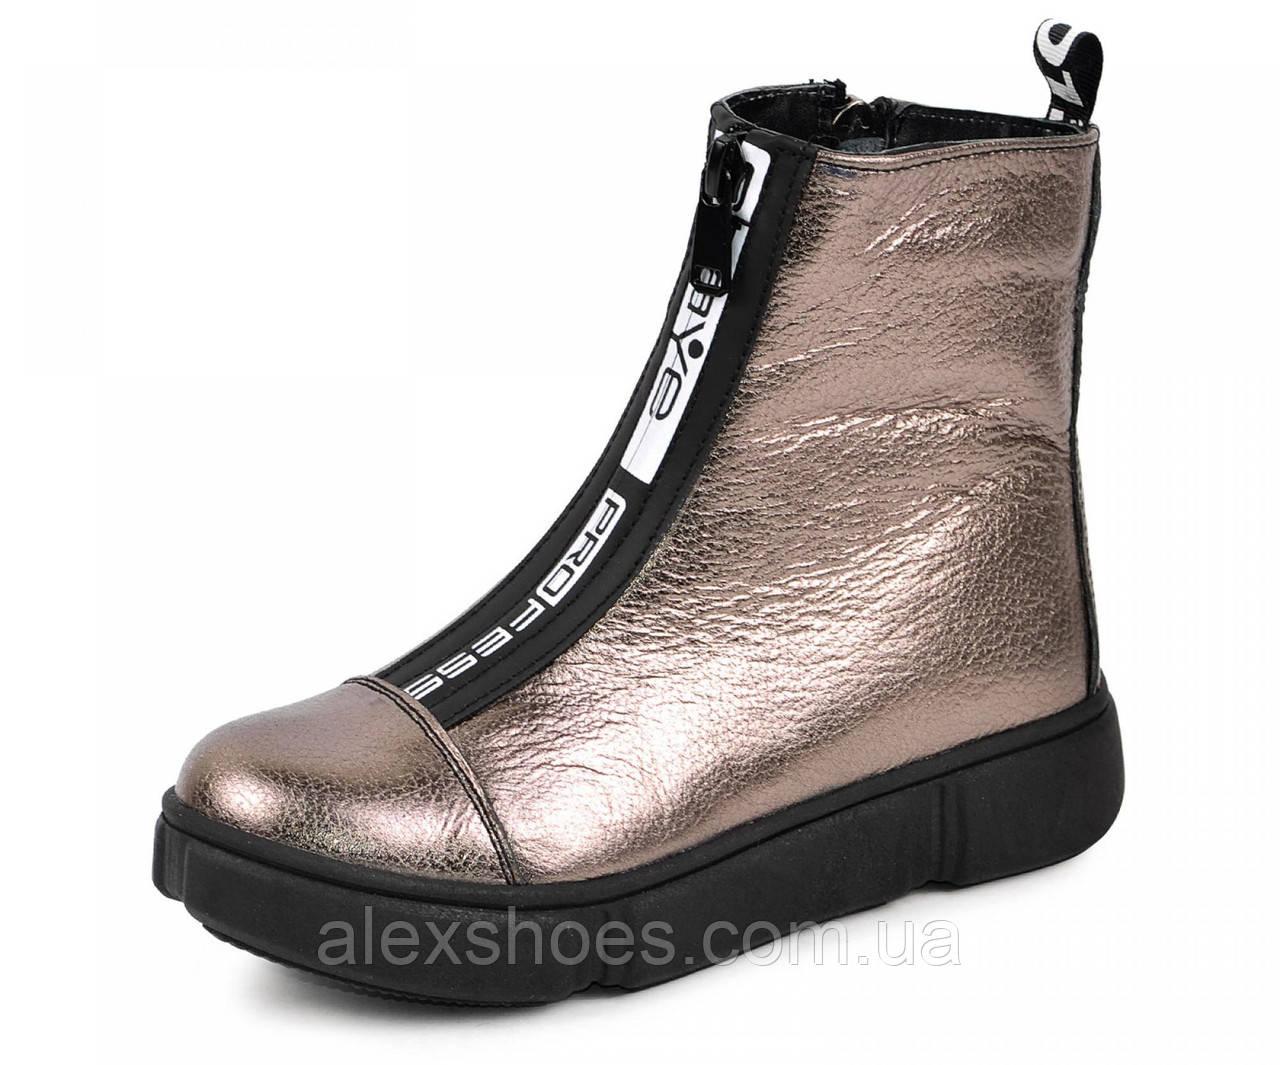 Ботинки подростковые для девочки из натуральной кожи от производителя модель МАК1571